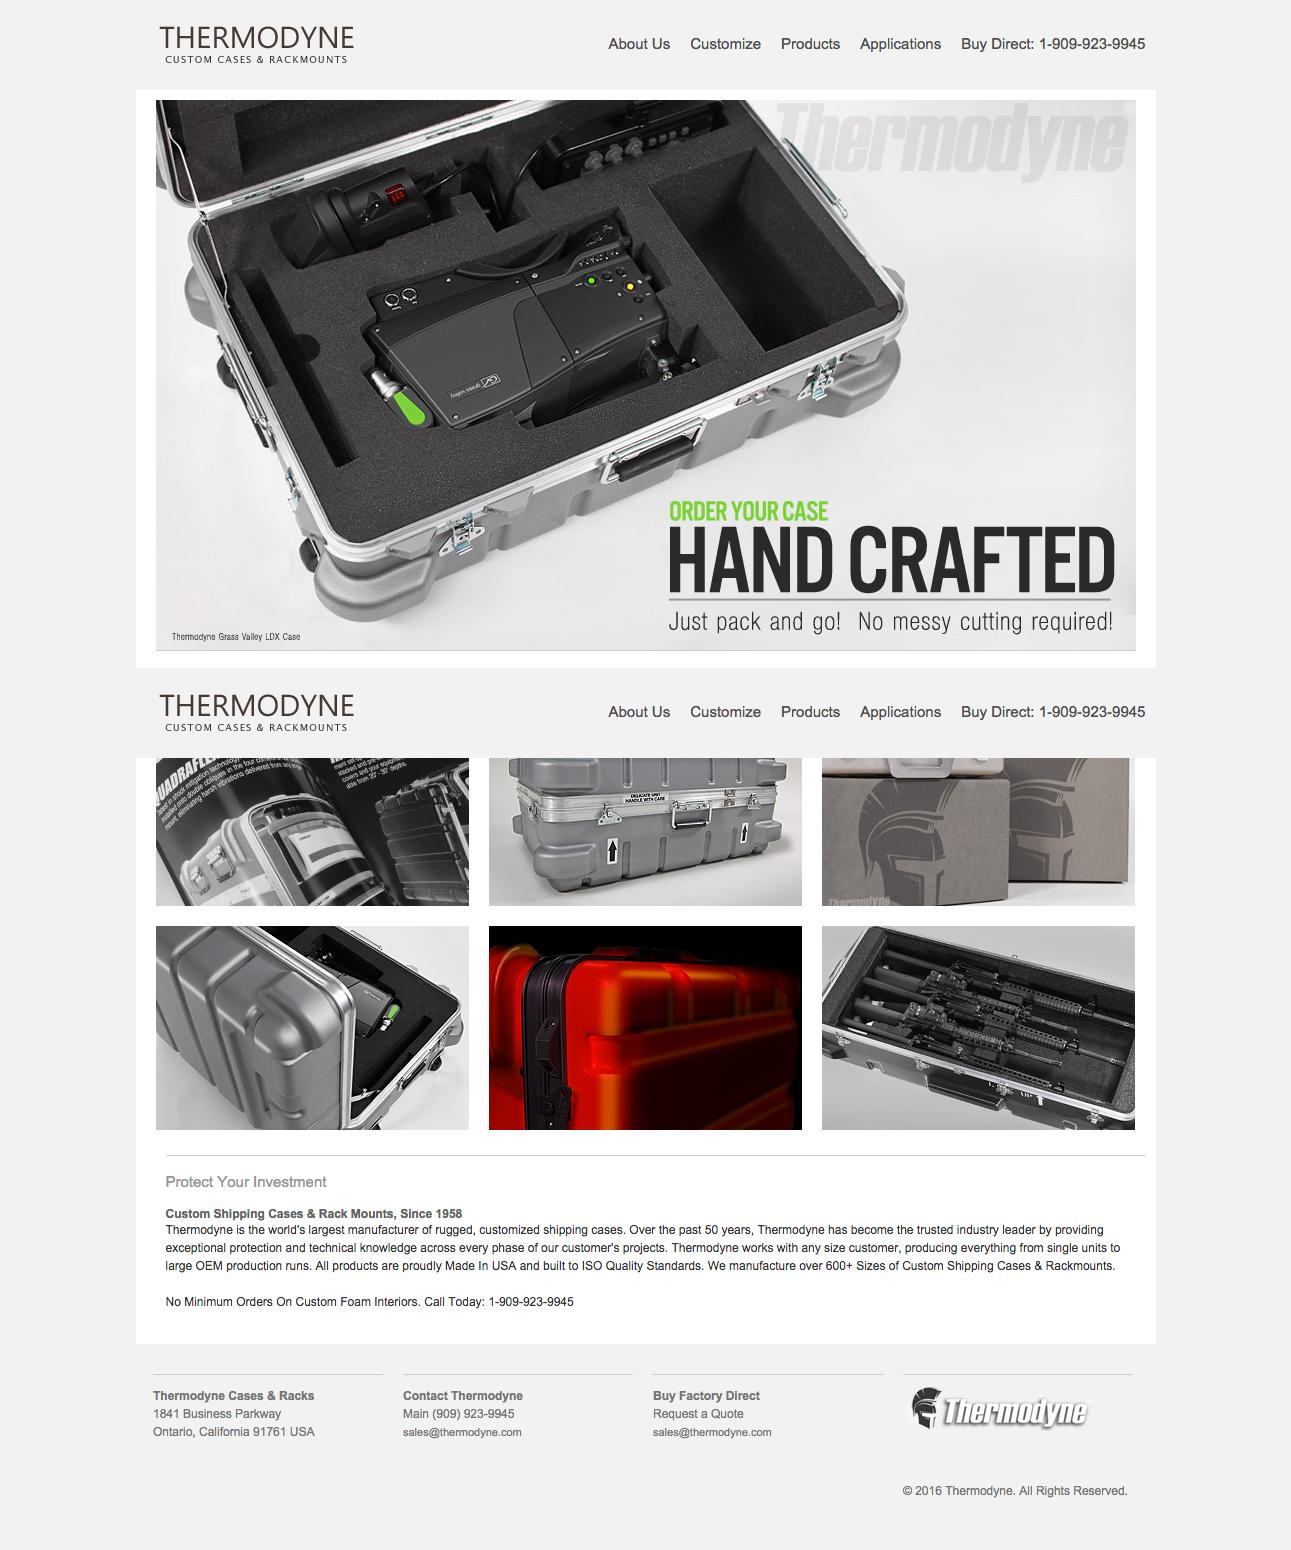 Web-Copywriting-Thermodyne-Luggage-WritePunch.jpg